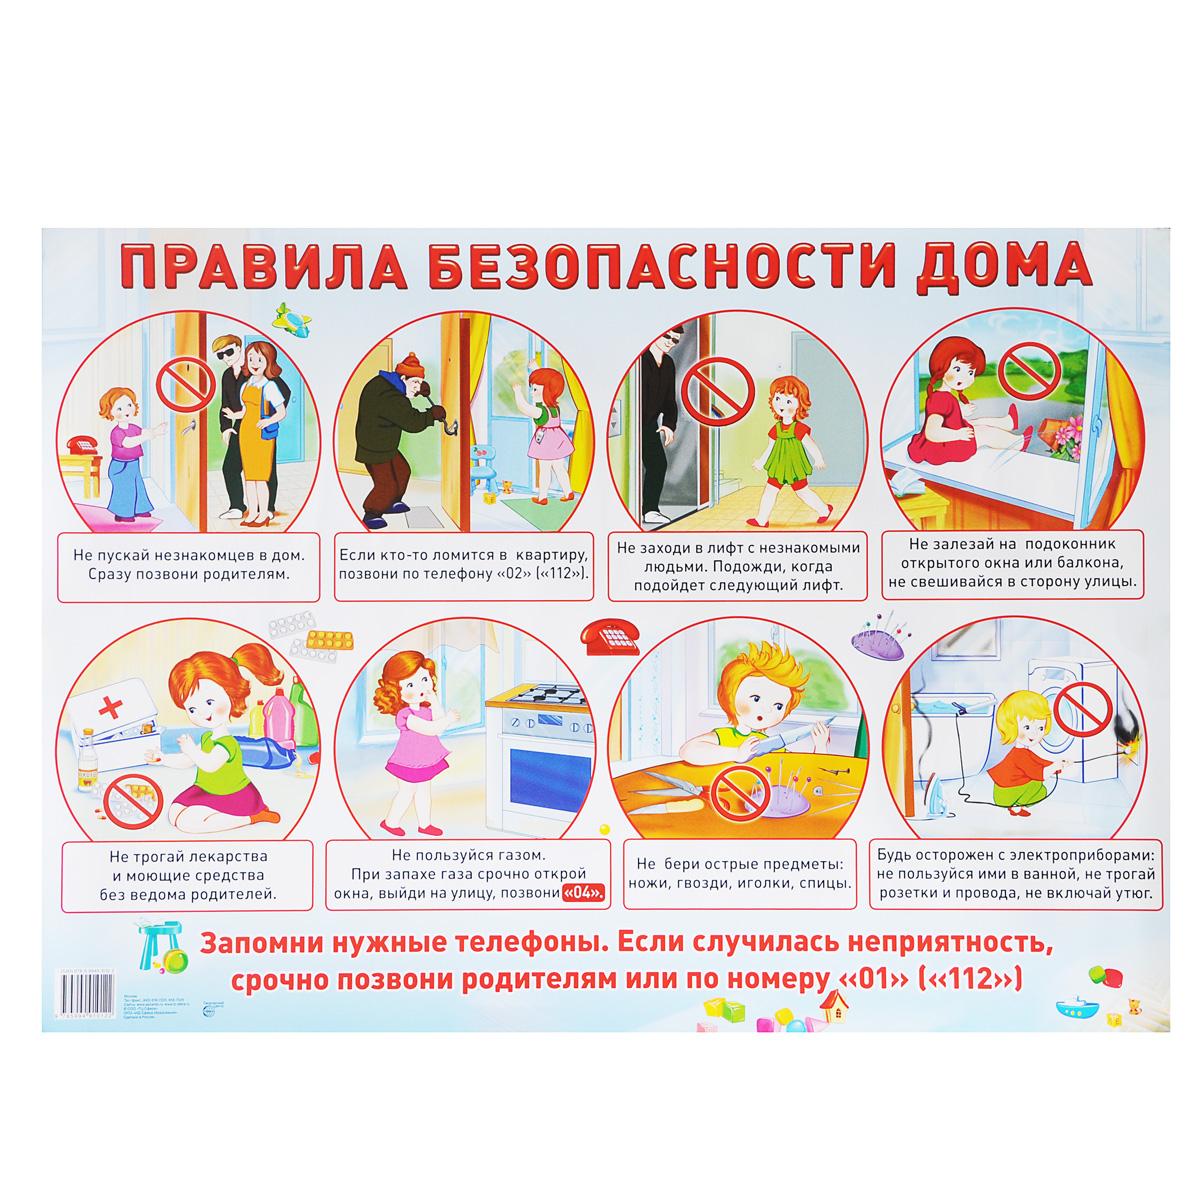 Правила безопасности дома. Плакат правила безопасности дома плакат